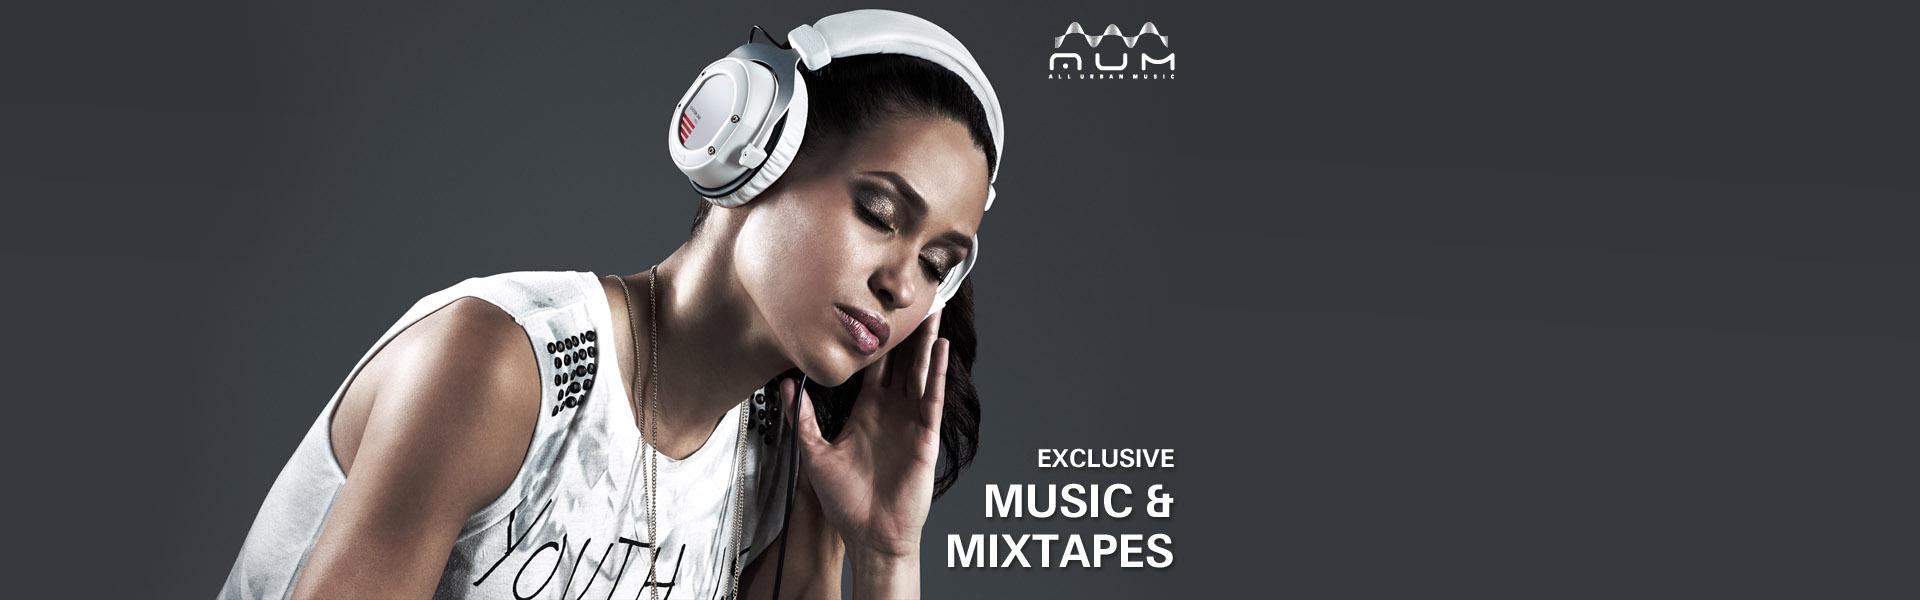 http://www.allurbanmusic.com/wp-content/uploads/2015/12/banner_all_urban_music_06.jpg